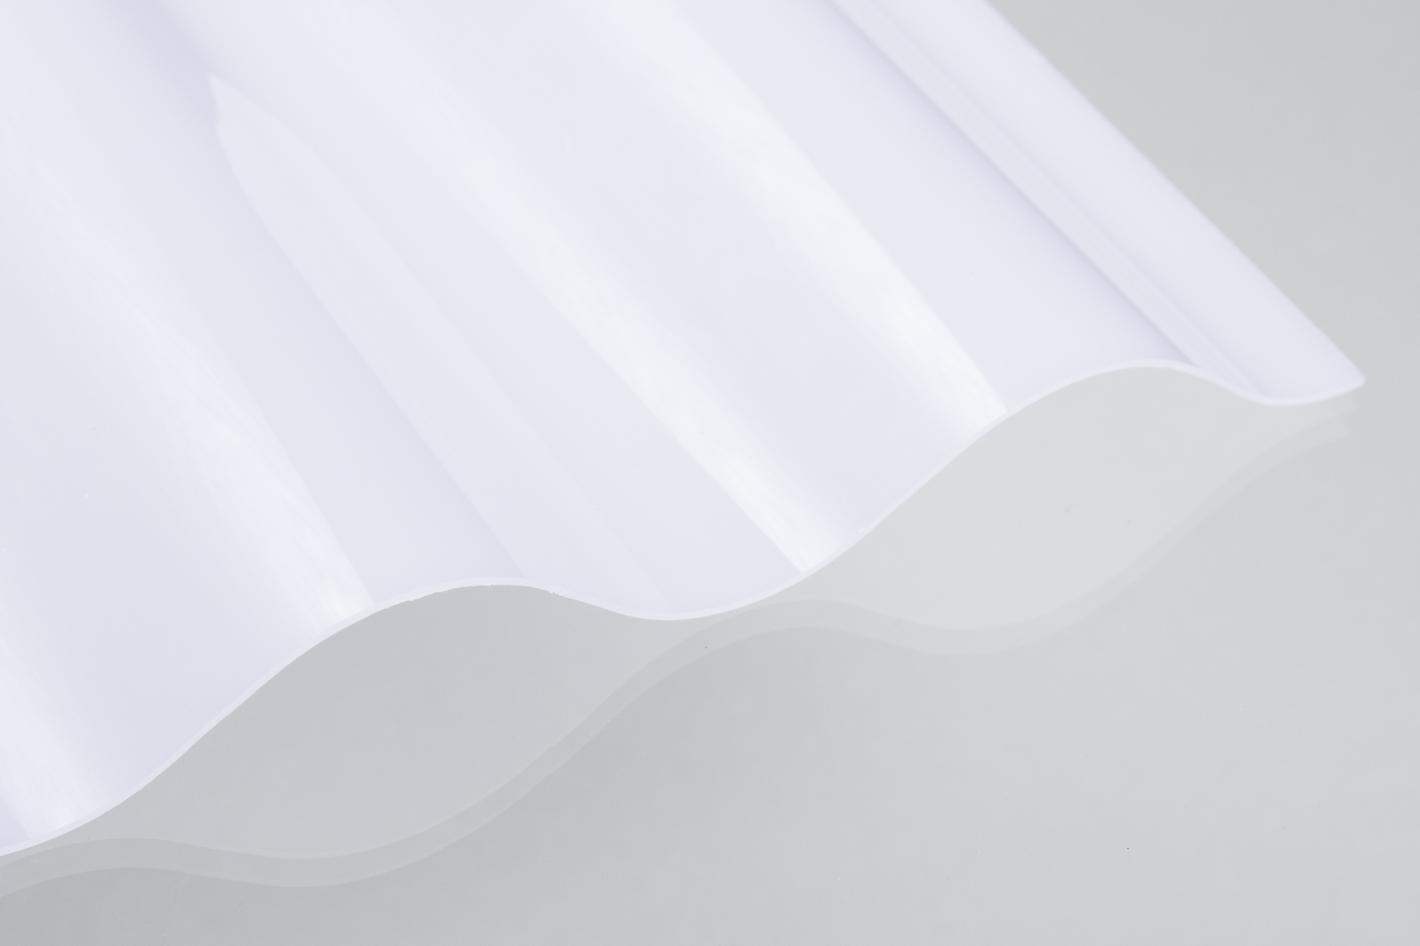 Wellplatten Lichtplatten Polycarbonat Weiss Opal Dachplatten24